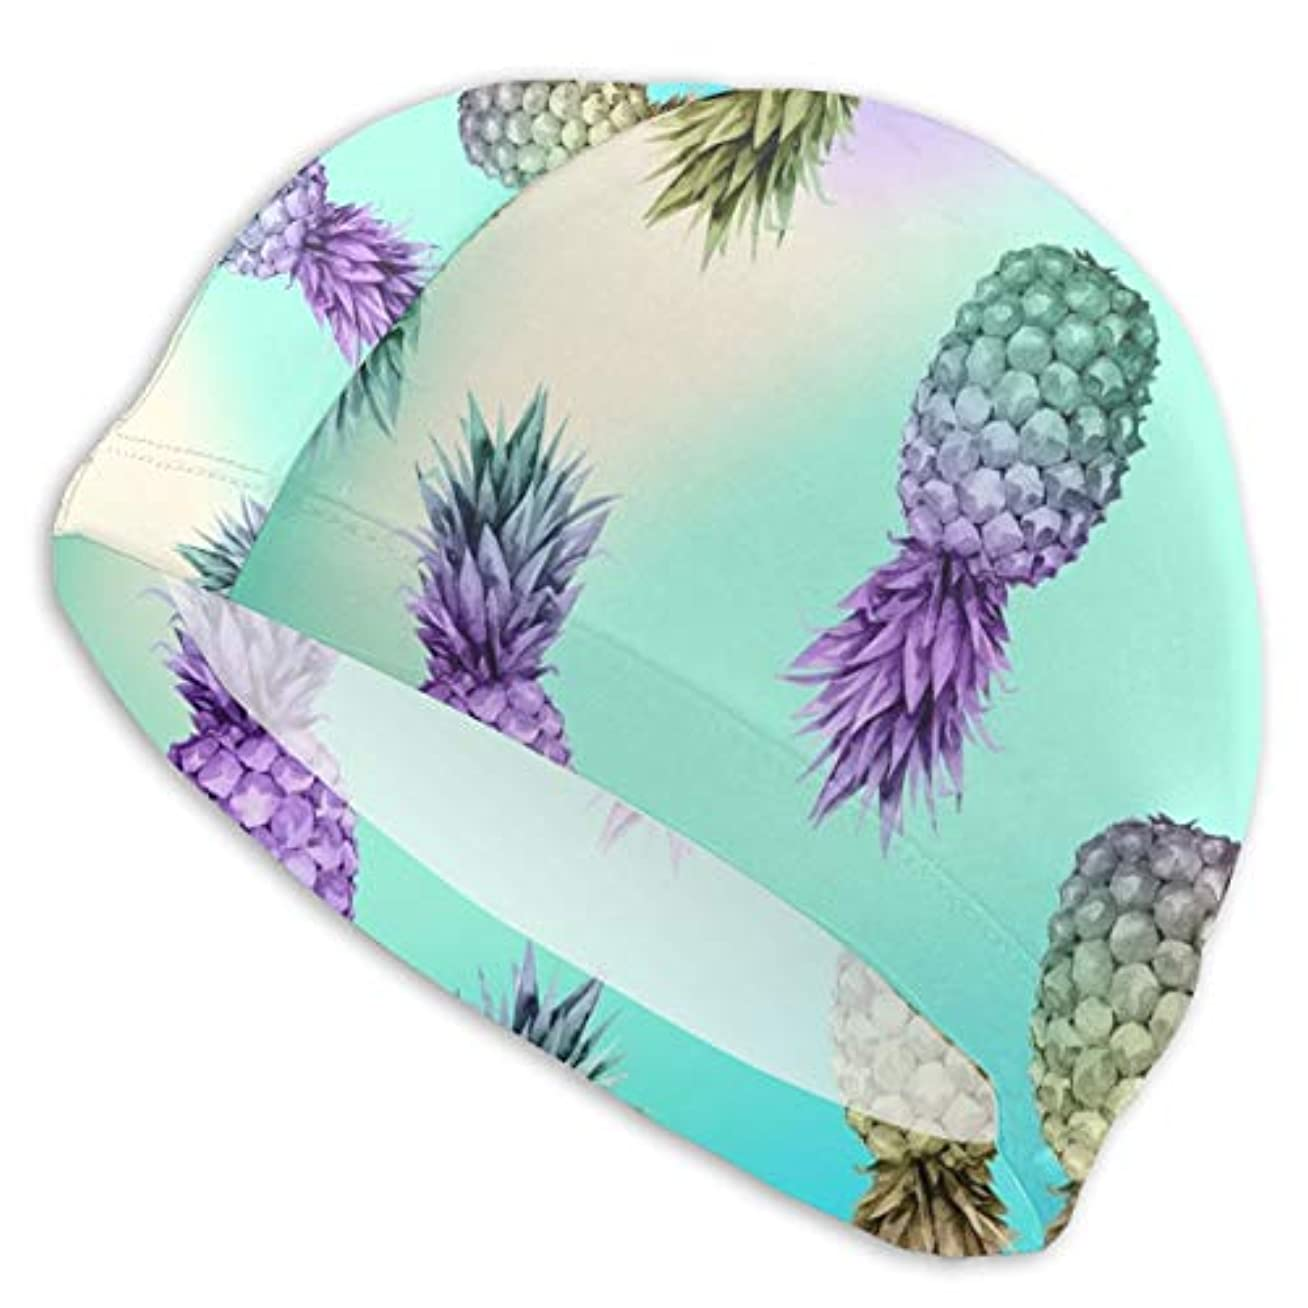 混合した挽く疎外カラフルなパイナップル(2)スイムキャップ スイミングキャップ 水泳キャップ 競泳 水泳帽 メンズ レディース 兼用 ゆったりサイズ フリーサイズ(28-33cm)